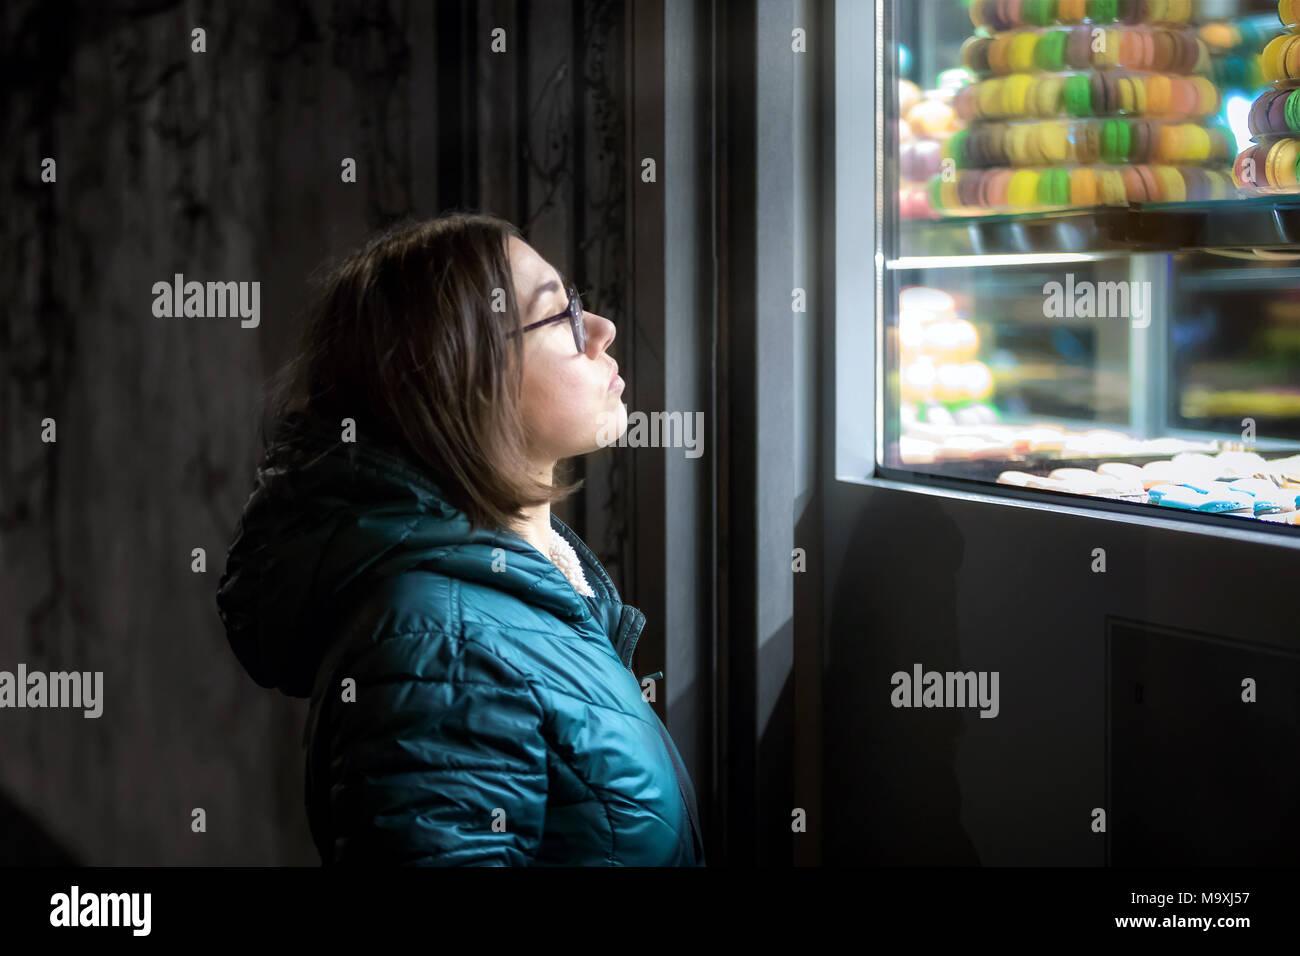 Une Jeune Fille Debout Devant Une Pâtisserie Observe La Fenêtre